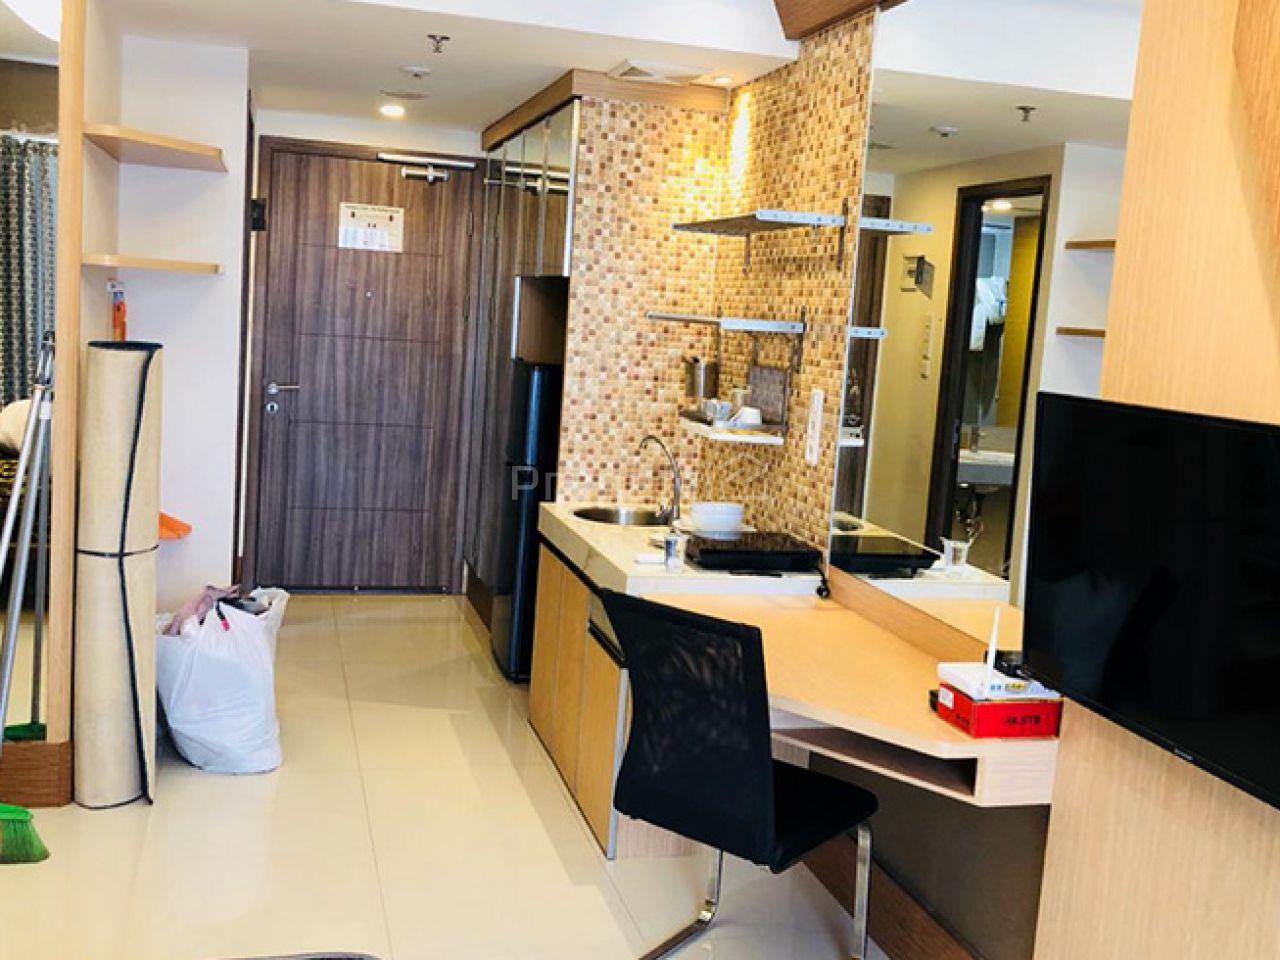 1BR Apartment Unit at Galeri Ciumbuleuit 3, 11th Floor, Kota Bandung